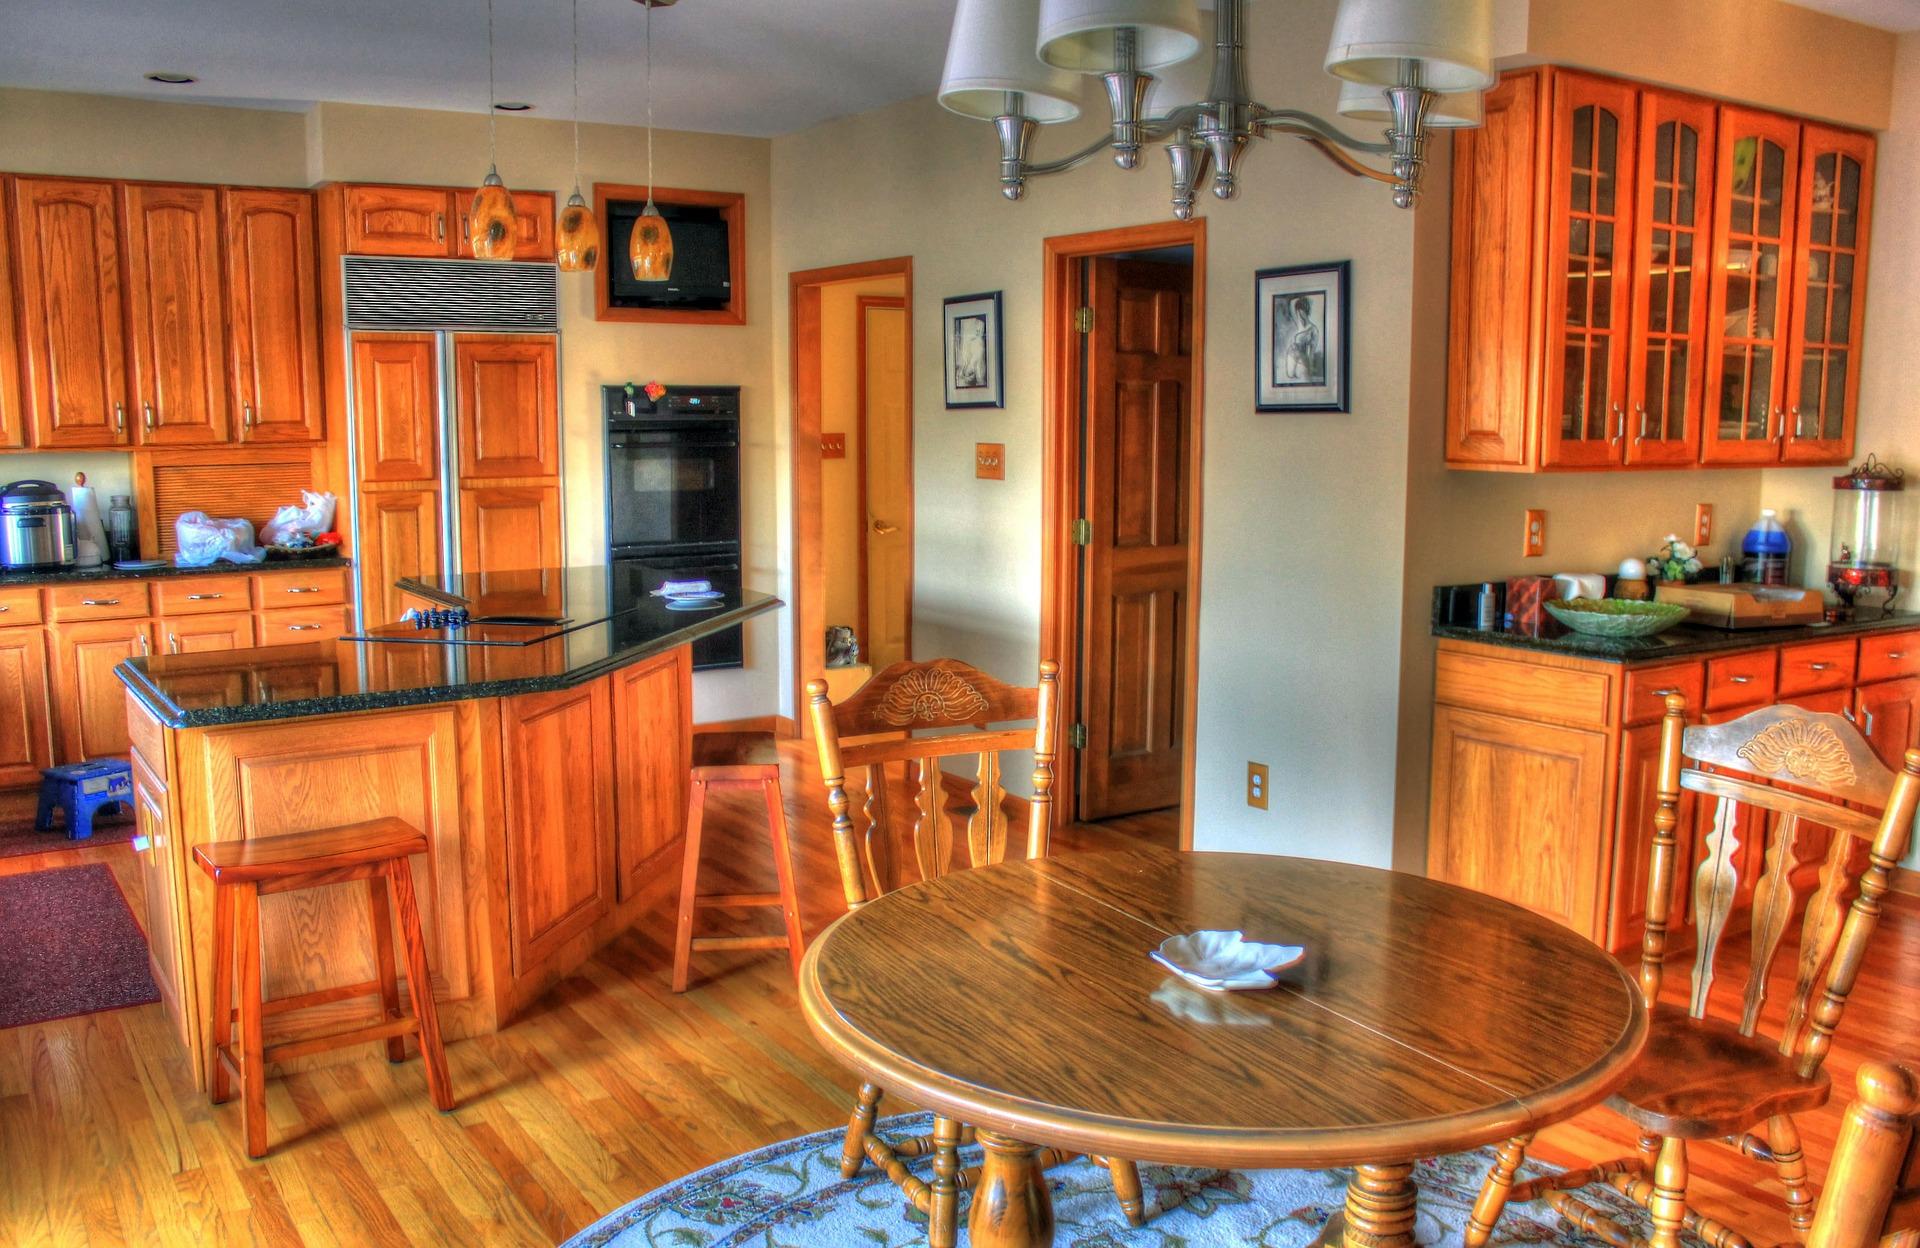 Aranżacja wnętrza w kuchni